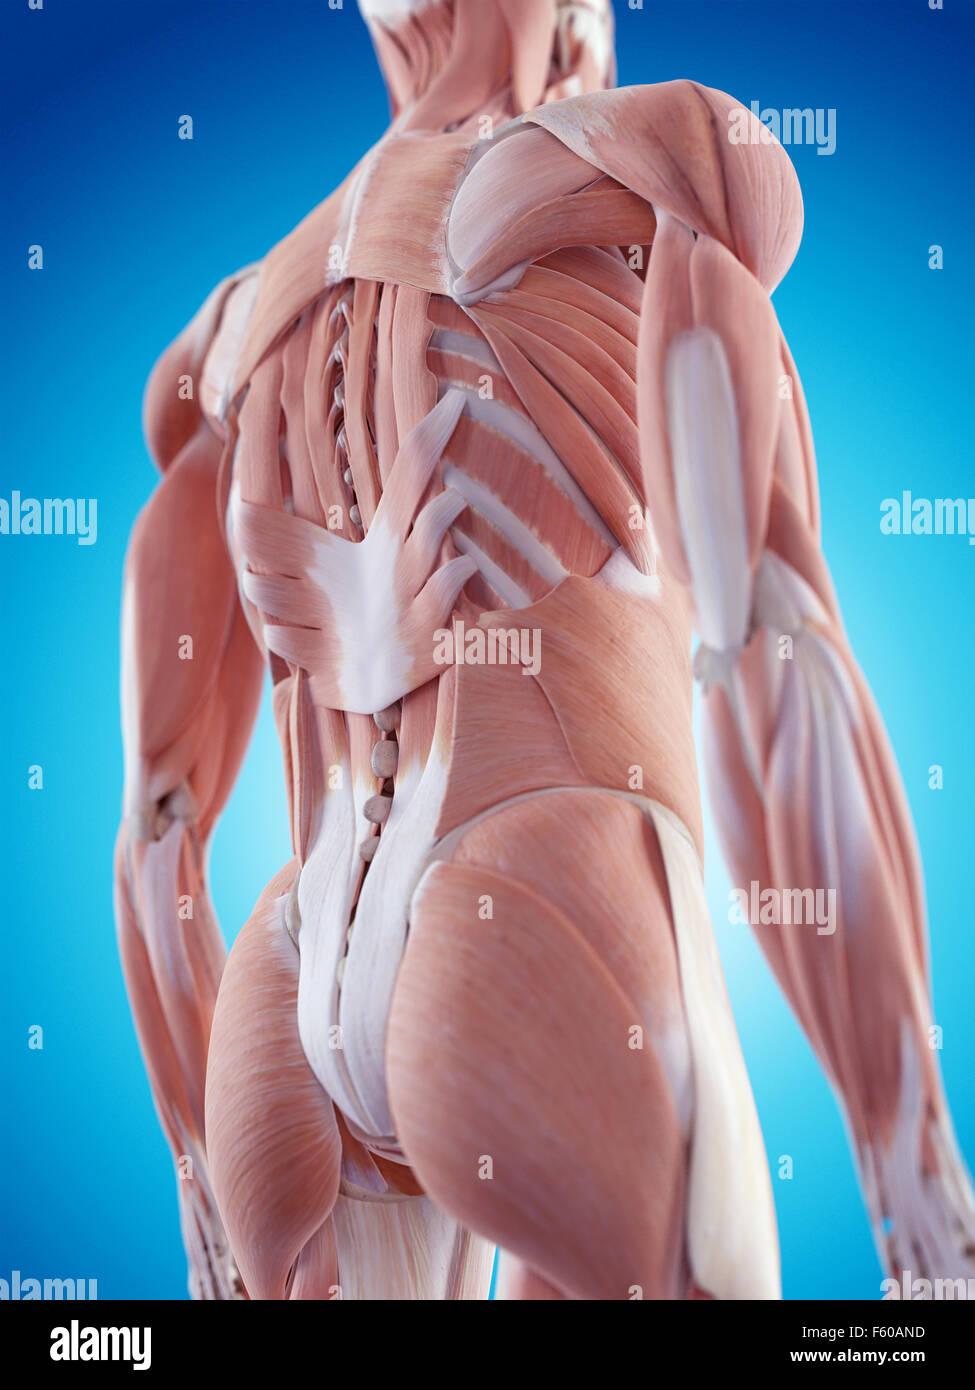 Ziemlich Diagramm Der Muskeln Im Rücken Ideen - Menschliche Anatomie ...